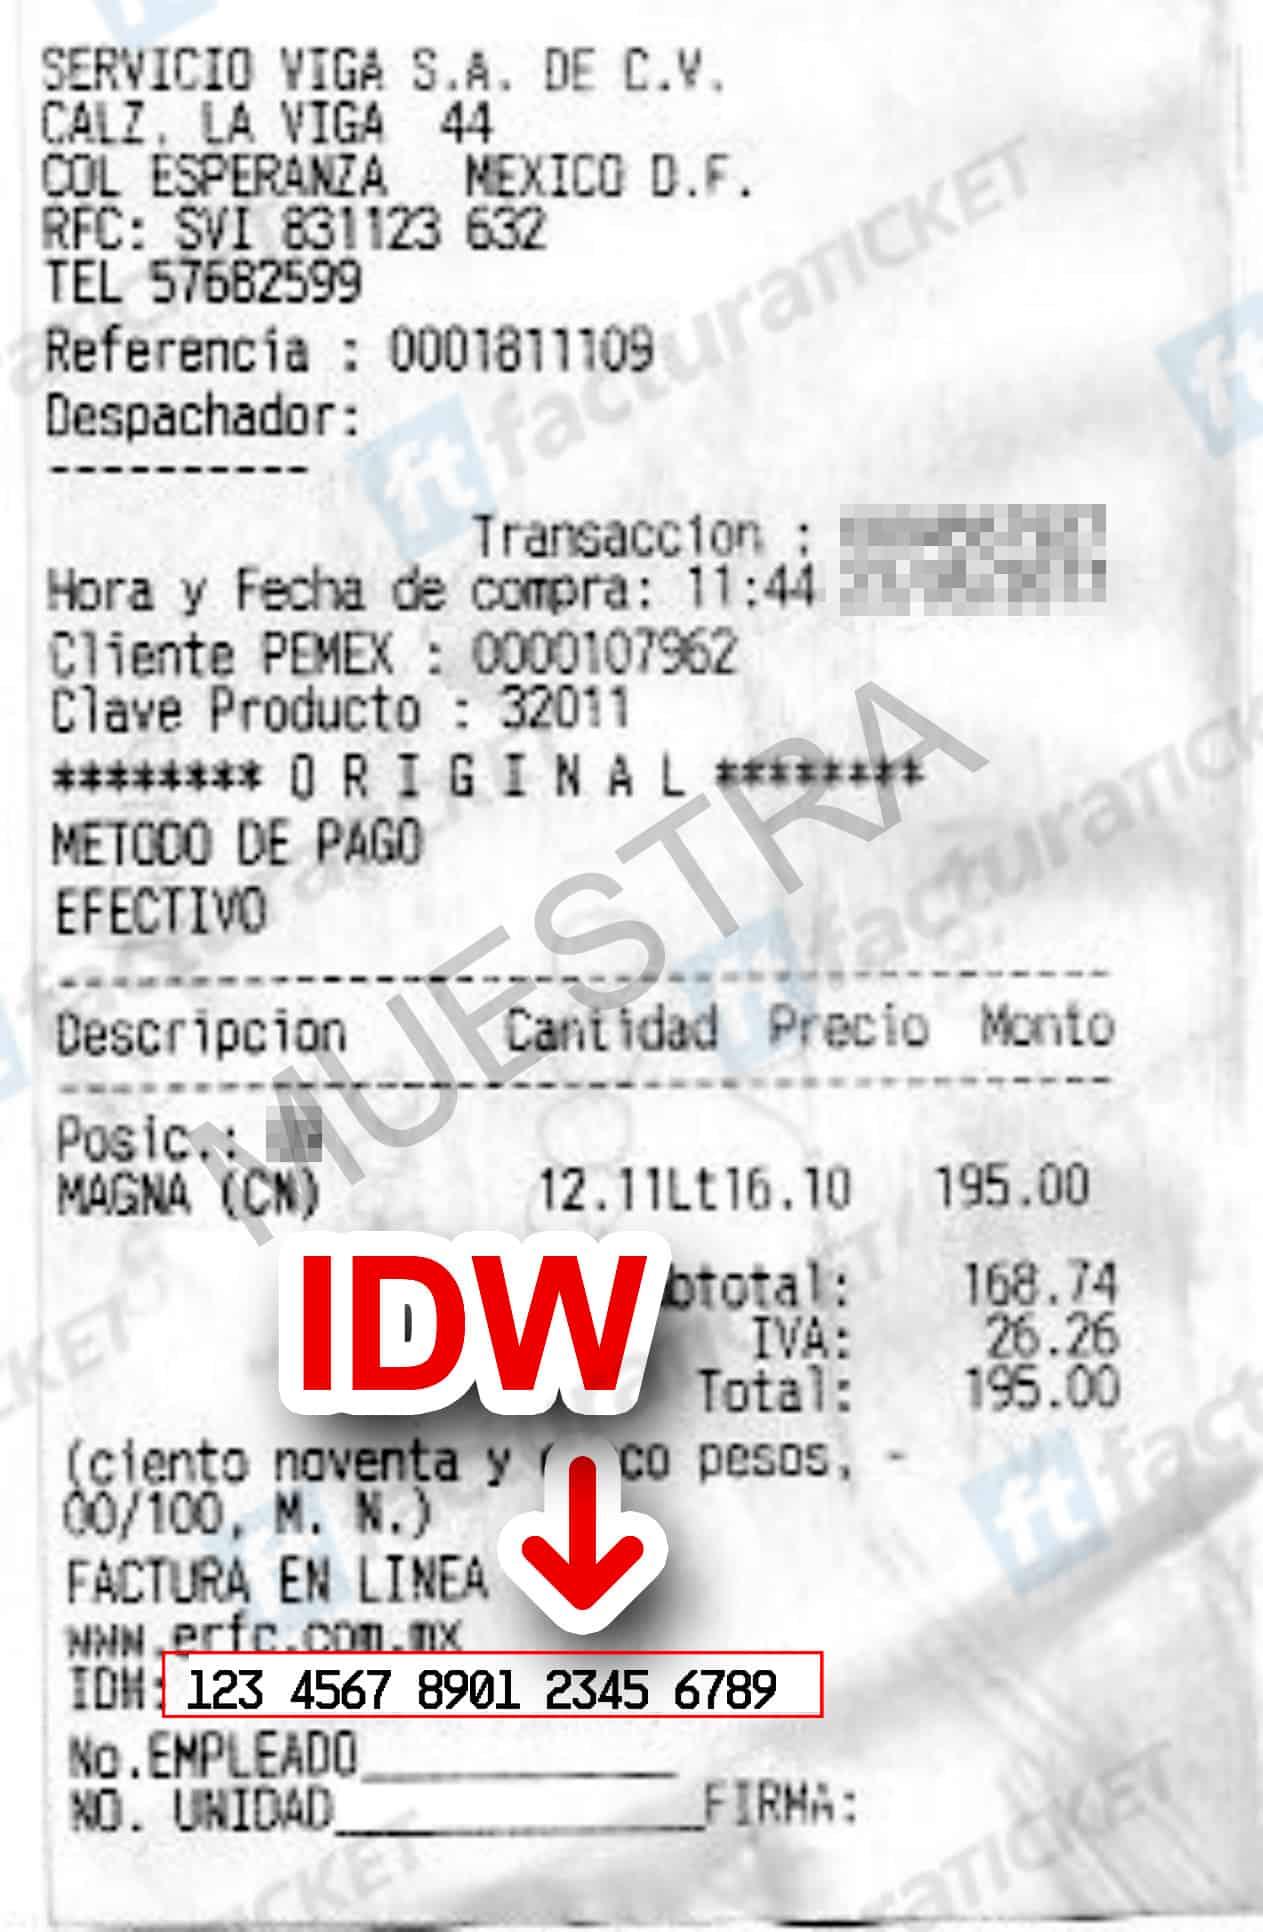 eRFC (Gasolineras) Paso 2  Capture Datos del Ticket